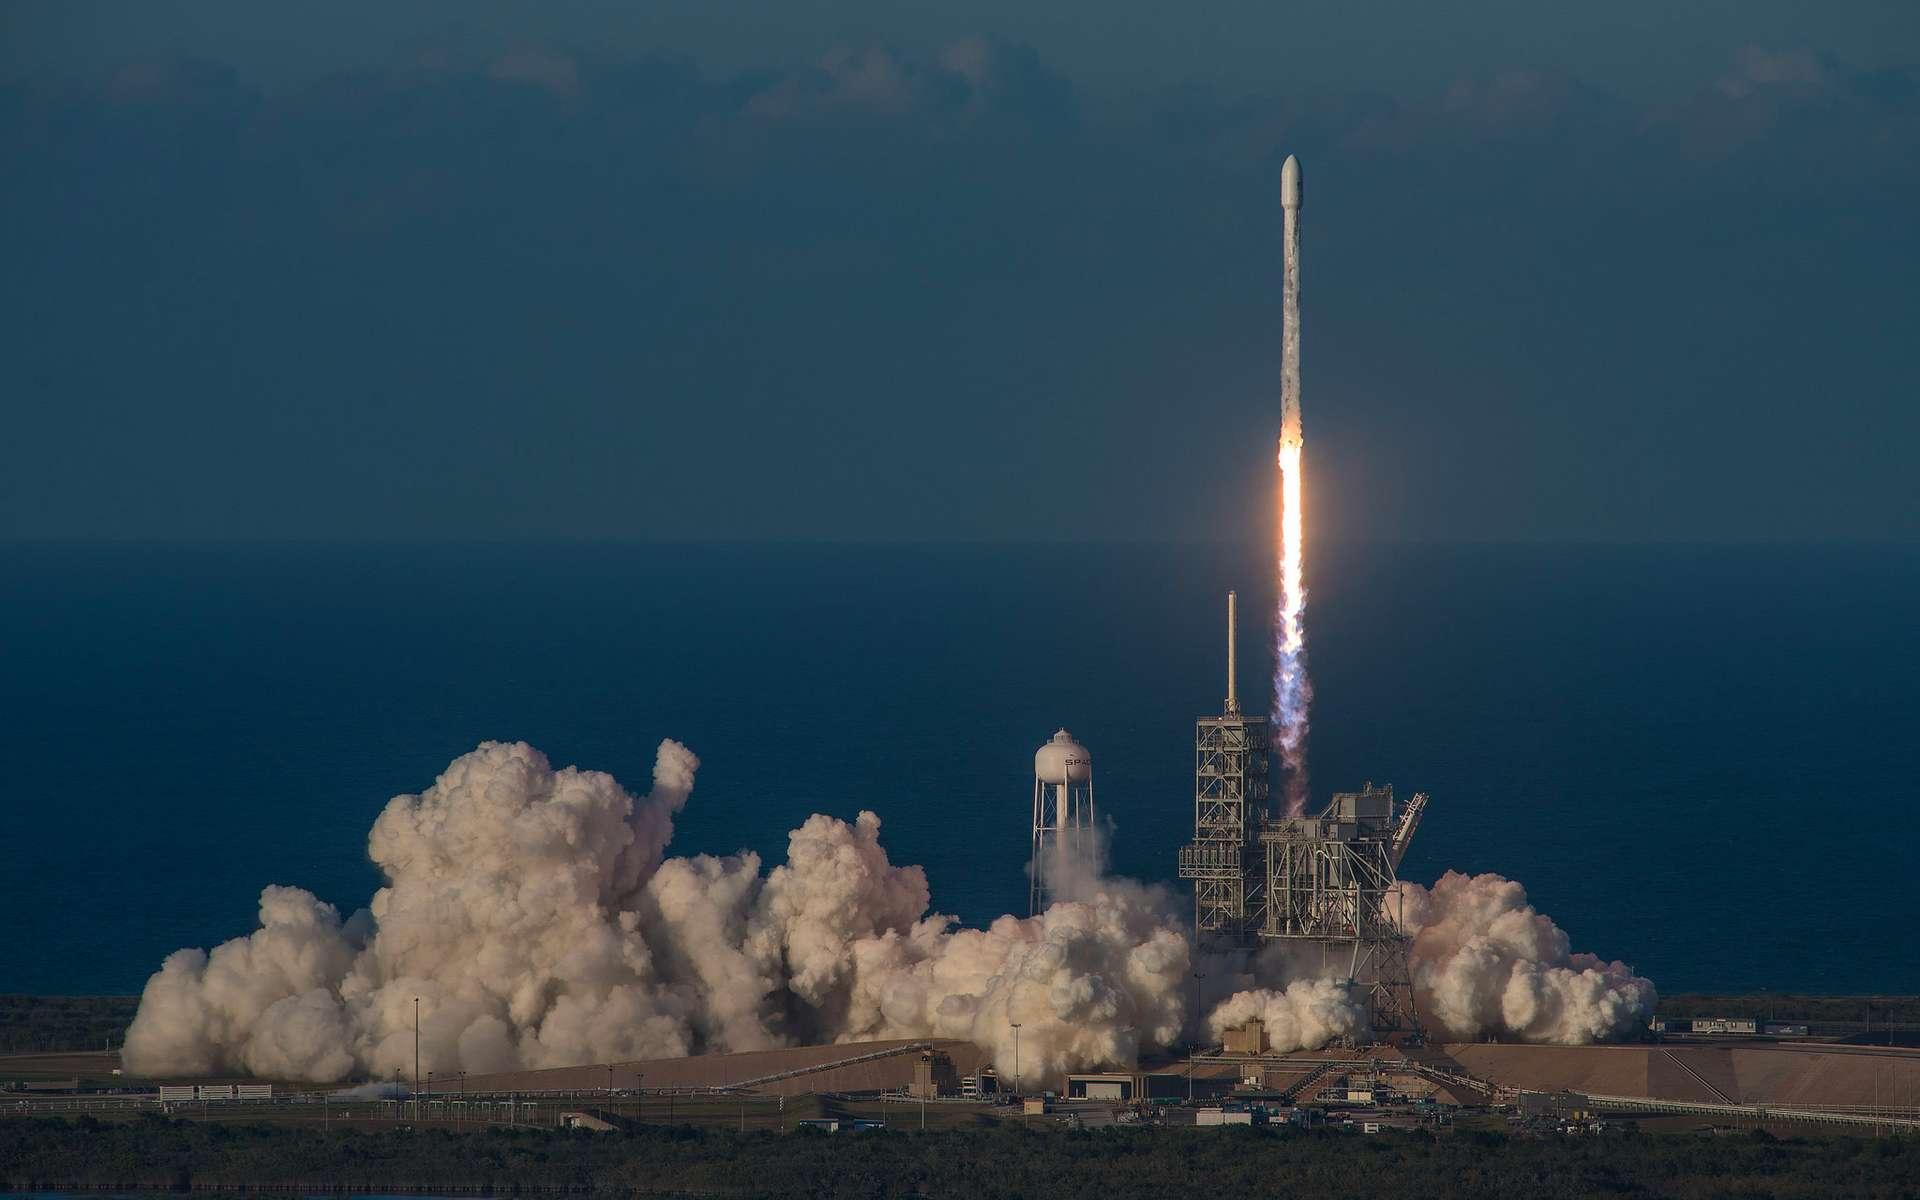 Décollage d'un lanceur Falcon 9 avec une capsule Dragon à destination de l'ISS pour la deuxième fois après un premier vol en septembre 2014. © Nasa